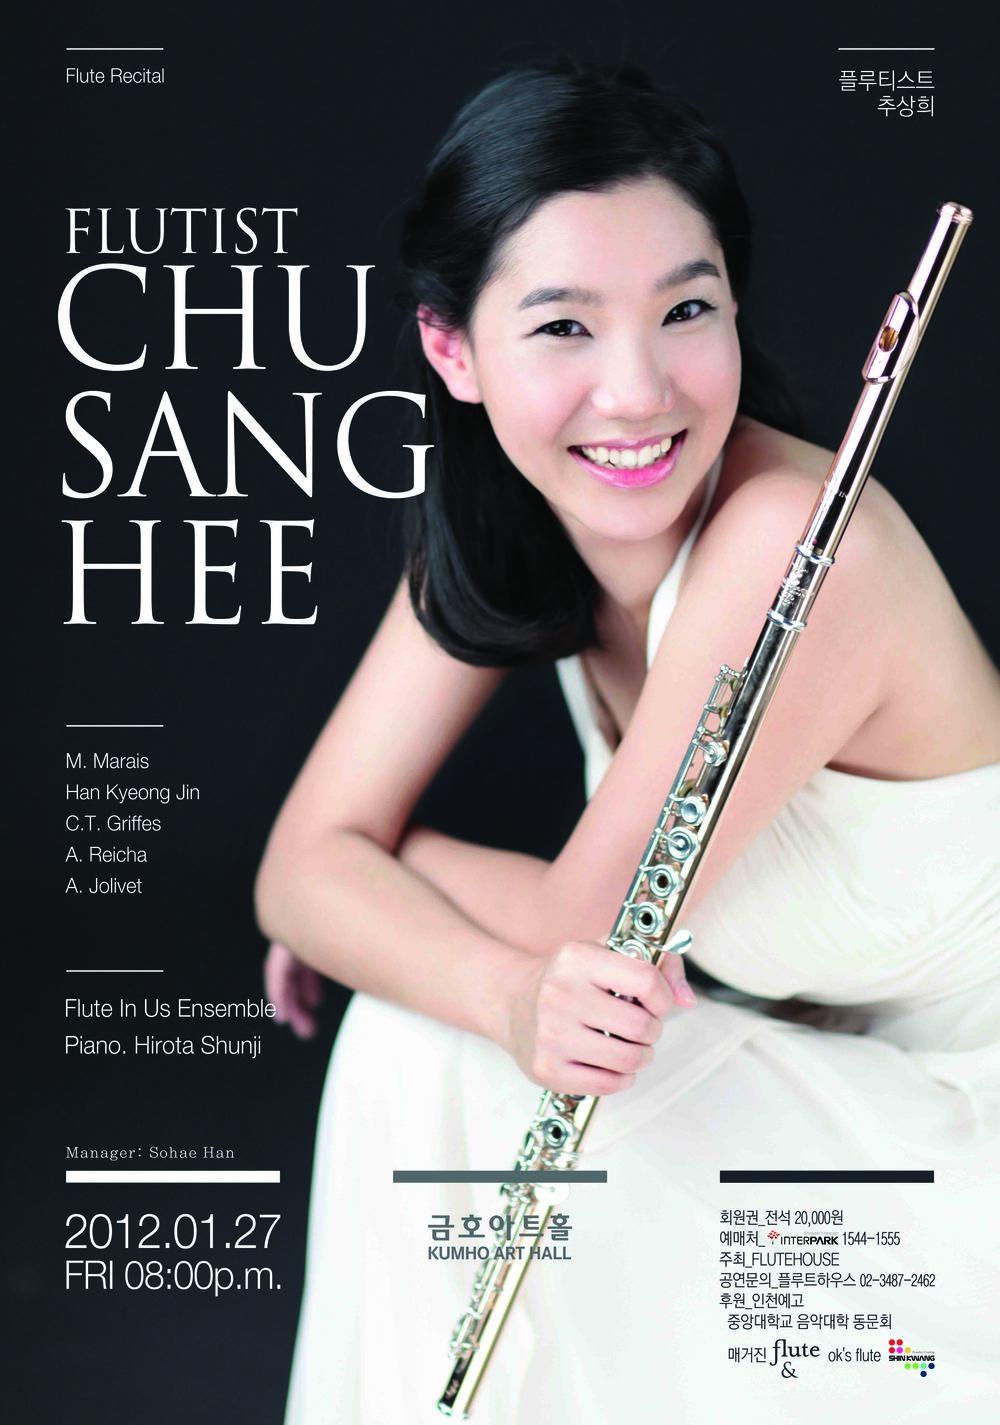 chusanghee2012.jpg